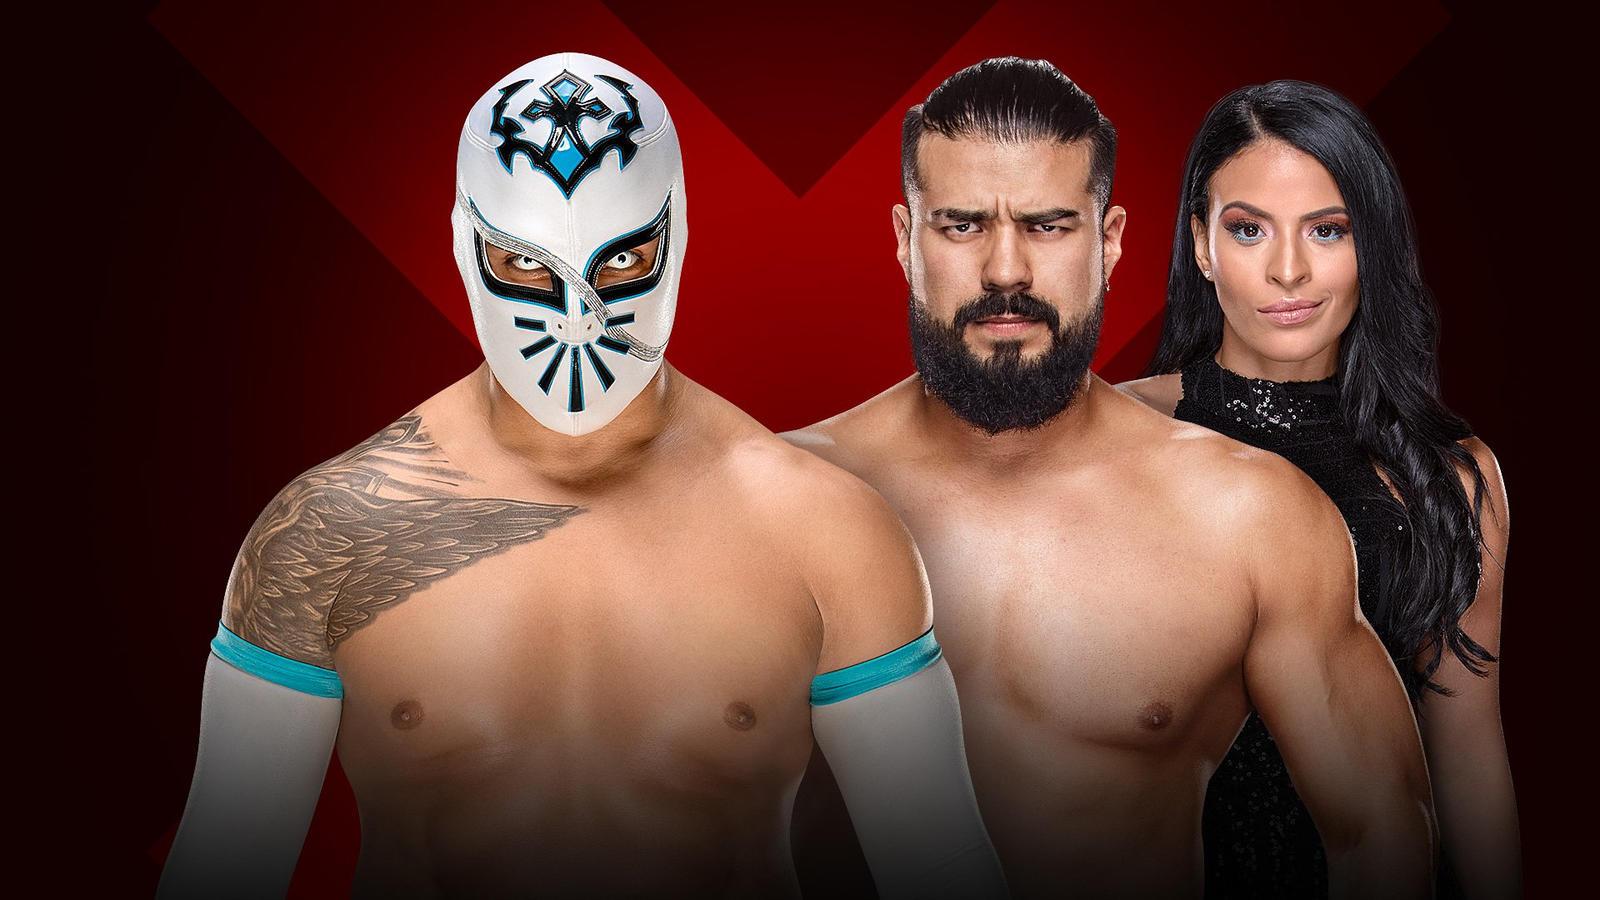 Еще один матч добавлен на пре-шоу Extreme Rules